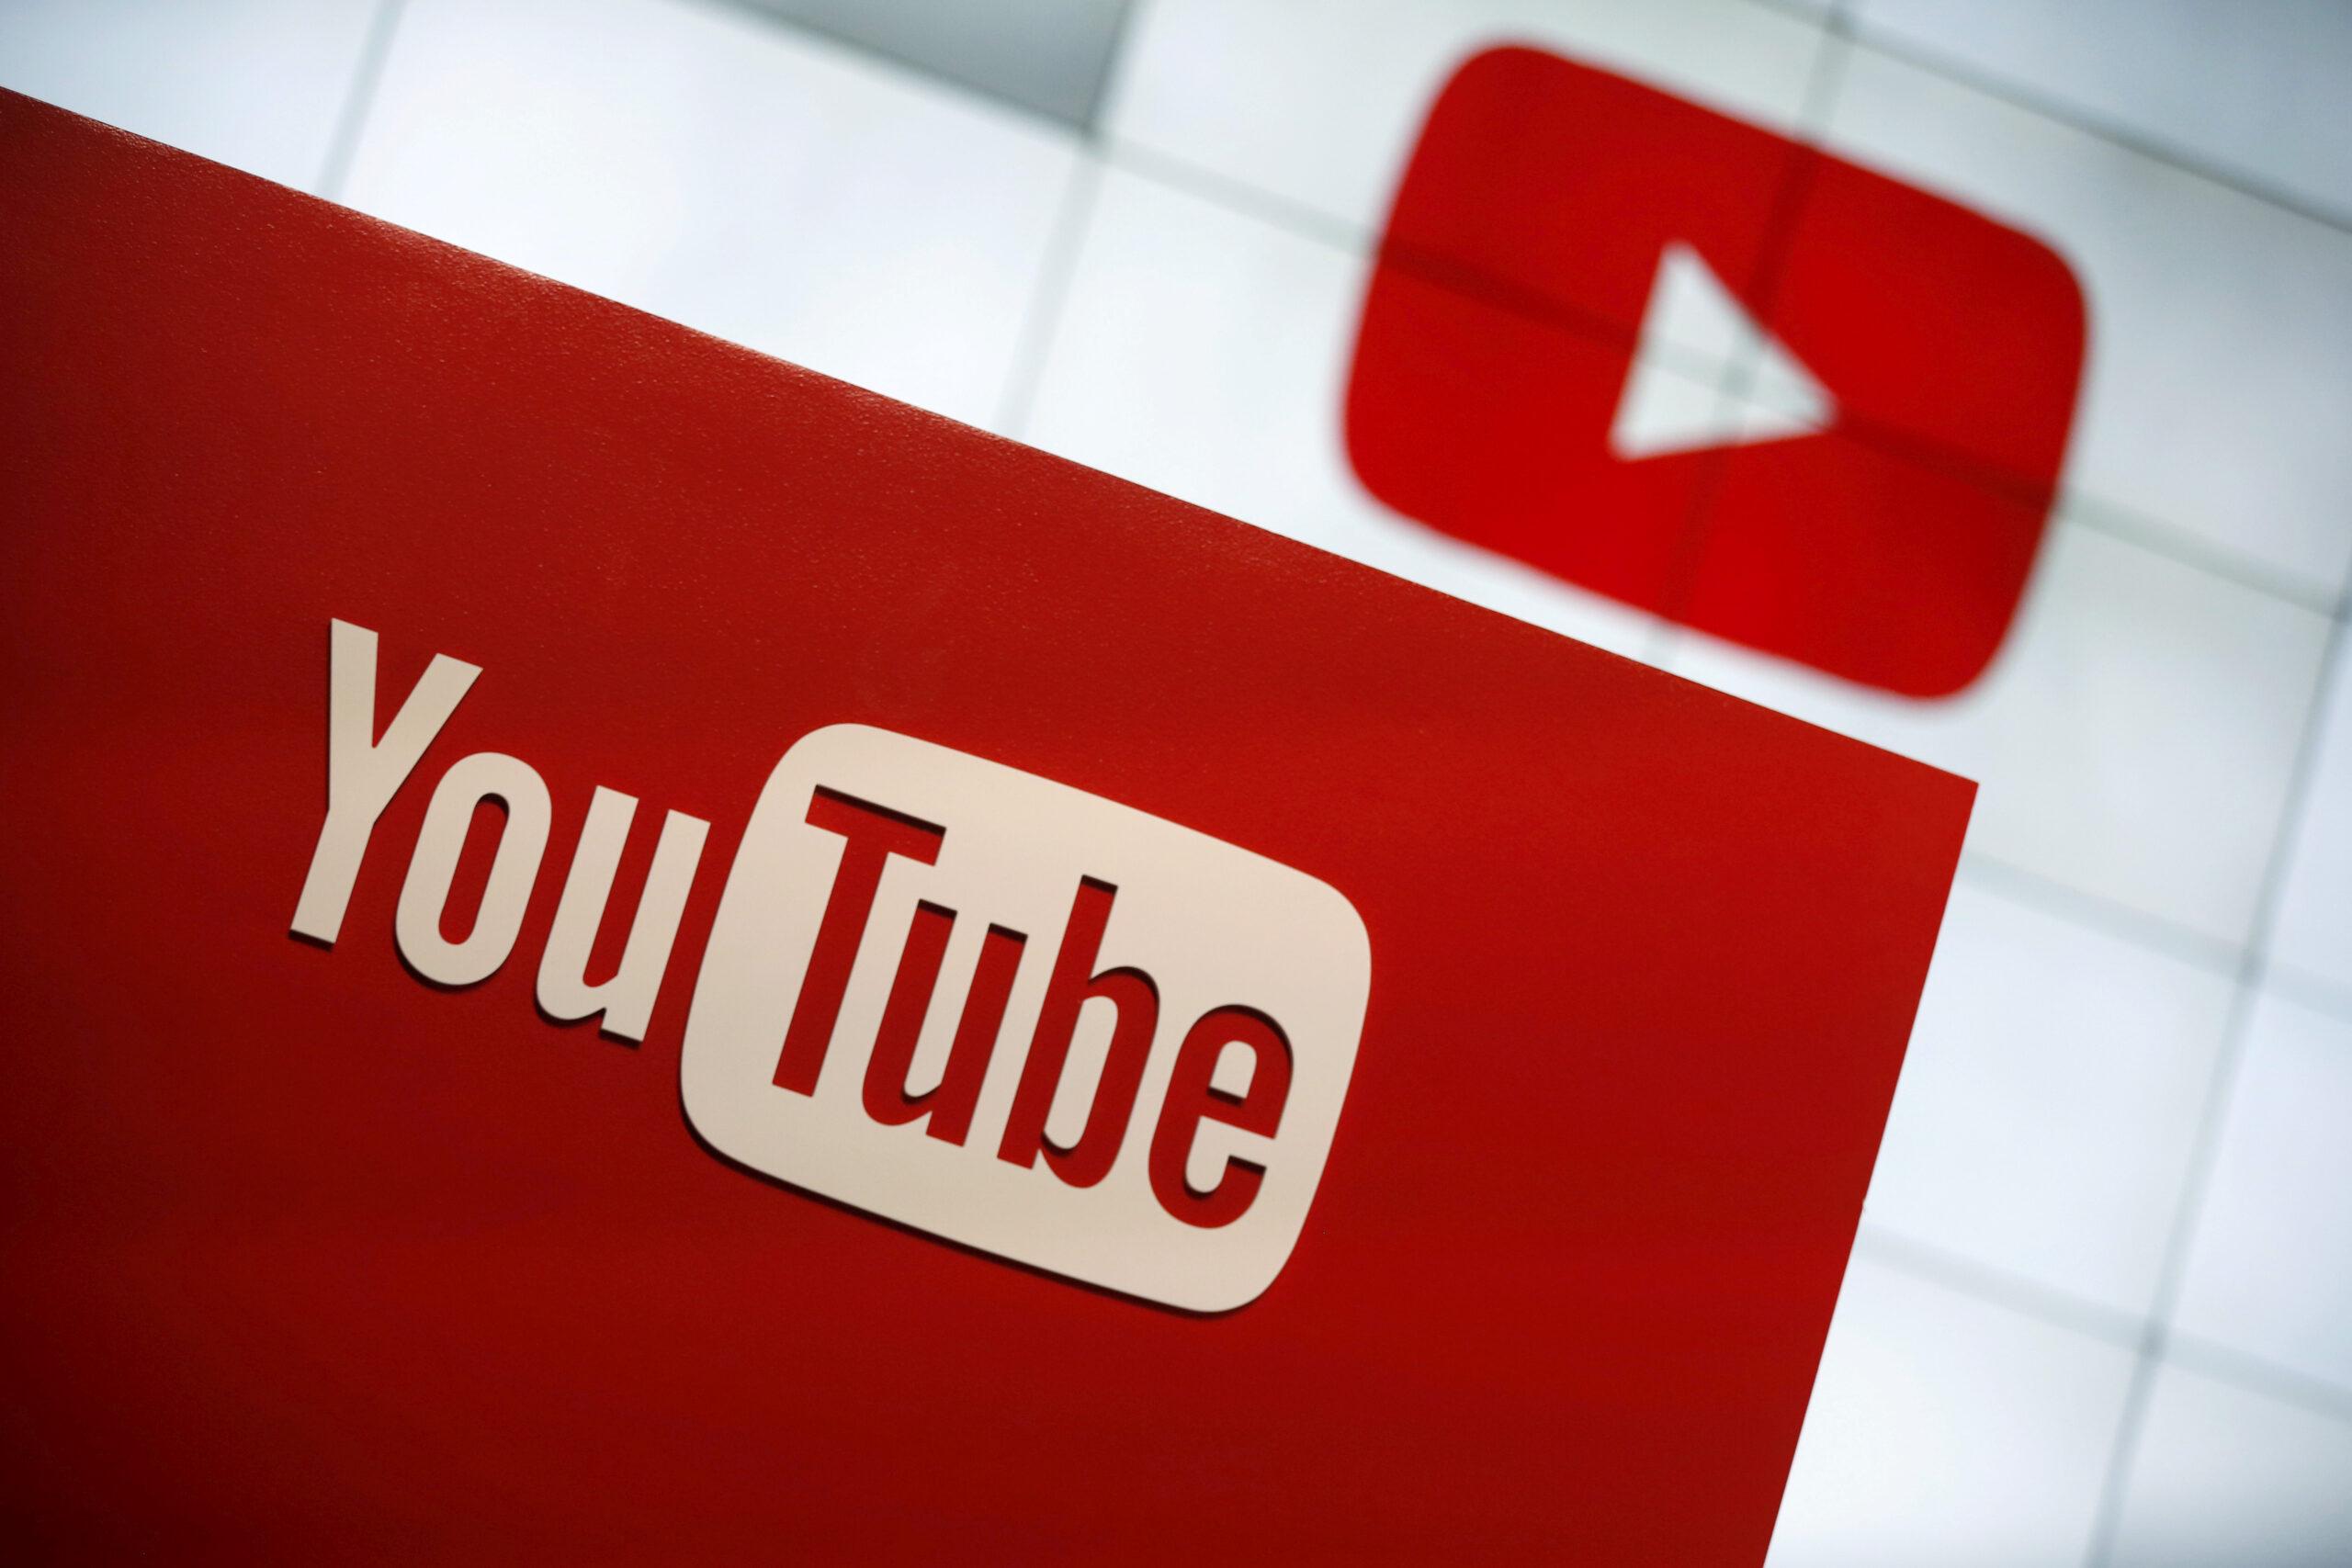 YouTube extendió la suspensión de la cuenta oficial de Trump